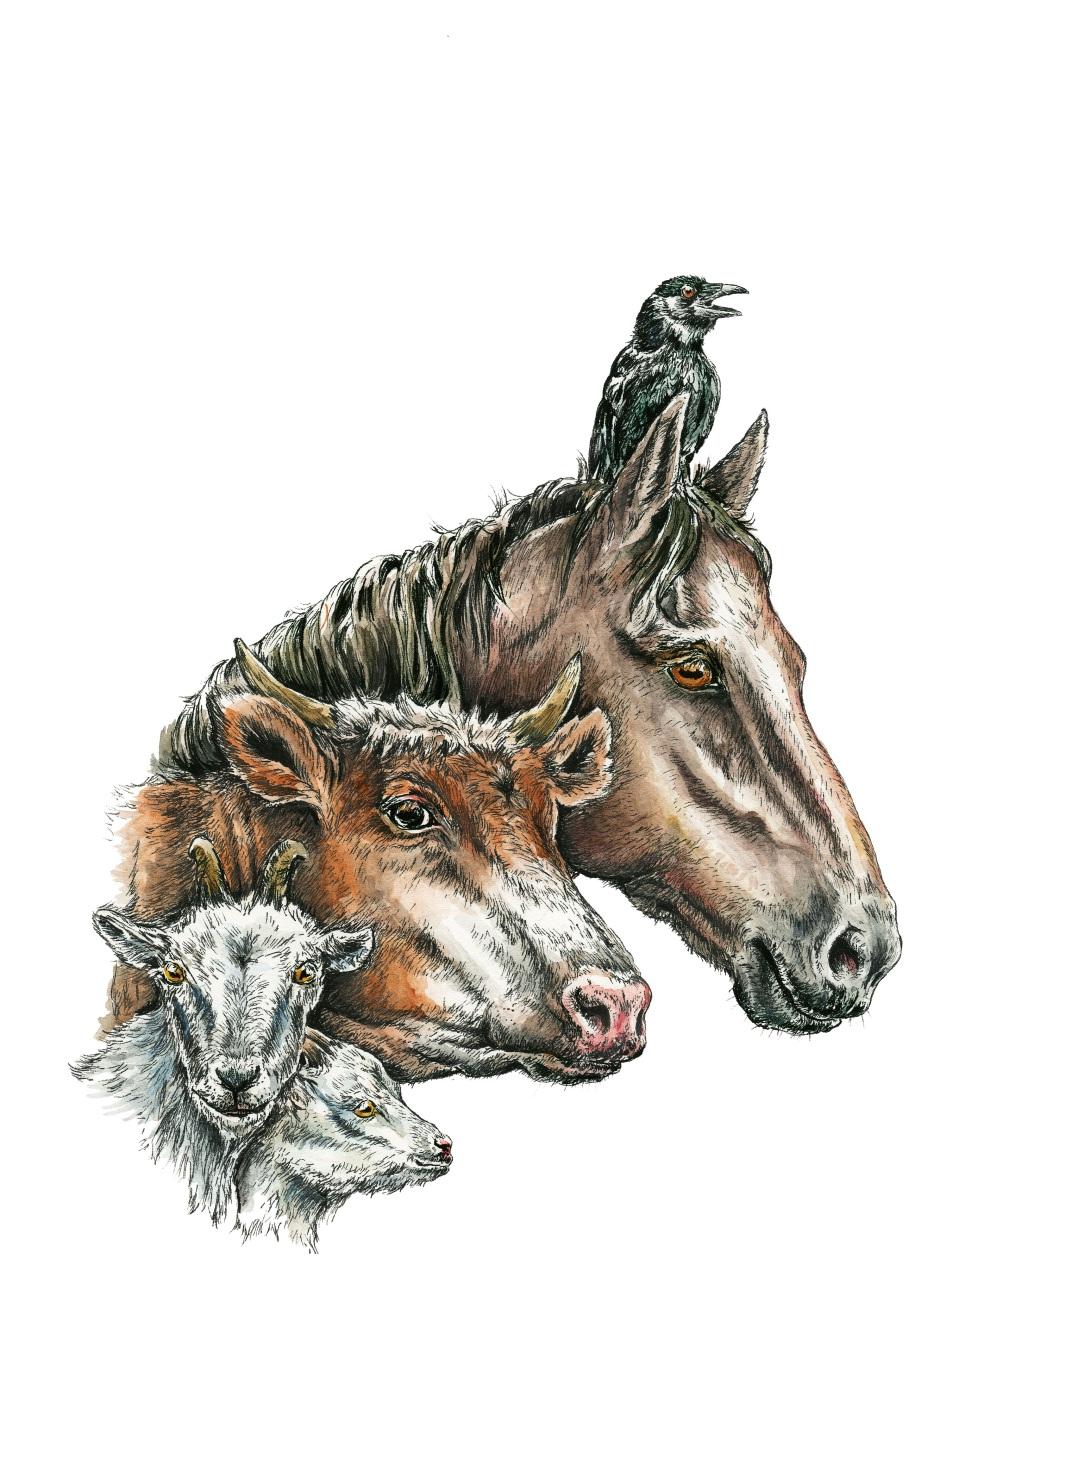 Zeichnung: Köpfe von 2 Ziegen, einer Kuh, einem Pferd und ein Rabe auf dem Kopf des Pferdes